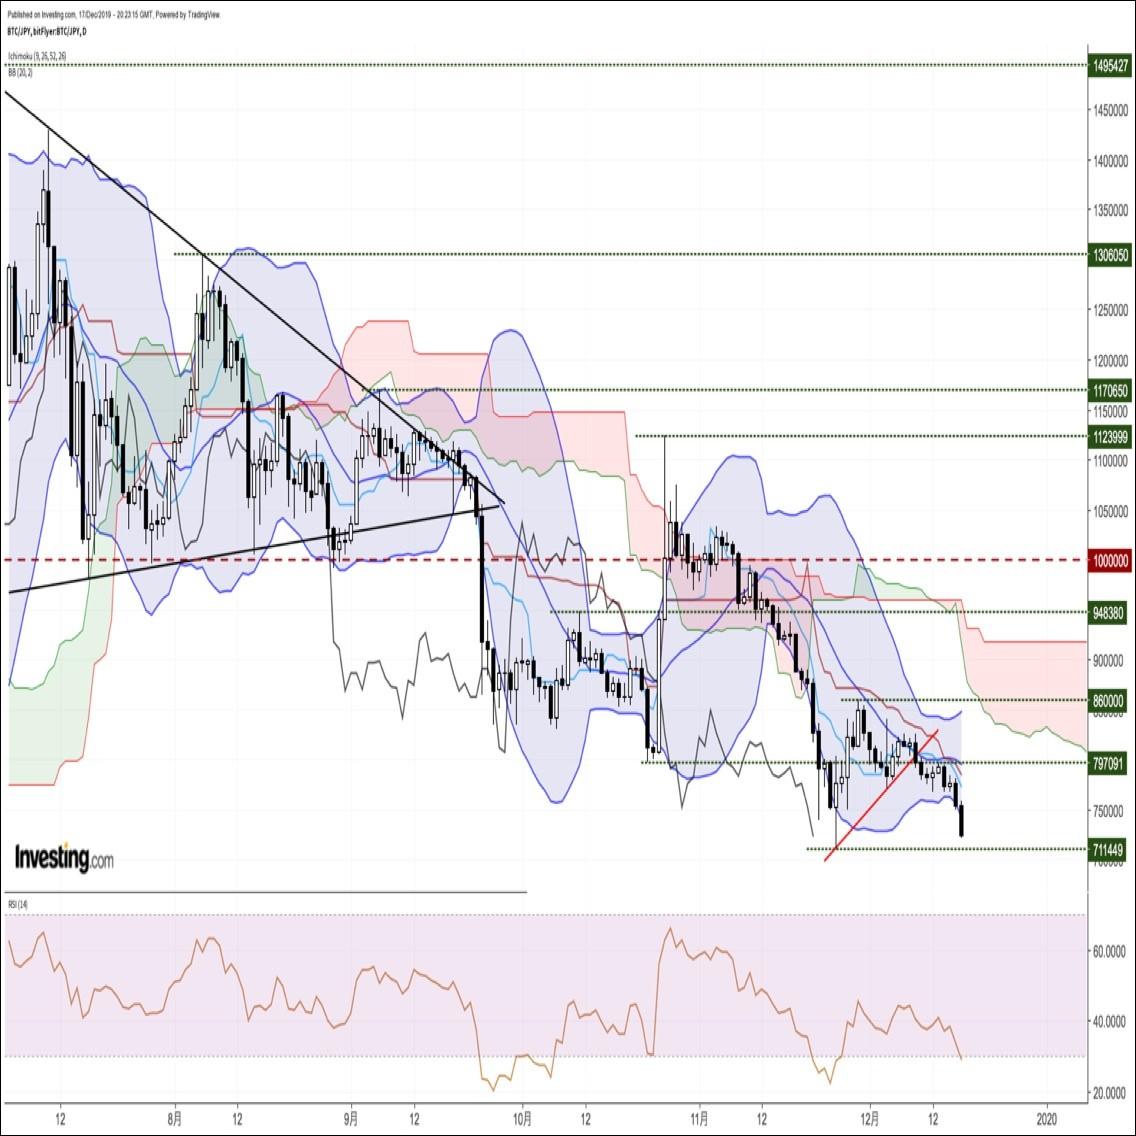 ビットコイン円、約3週間ぶり安値圏へ急落。11/25に記録した直近安値を試す展開か(12/18朝)